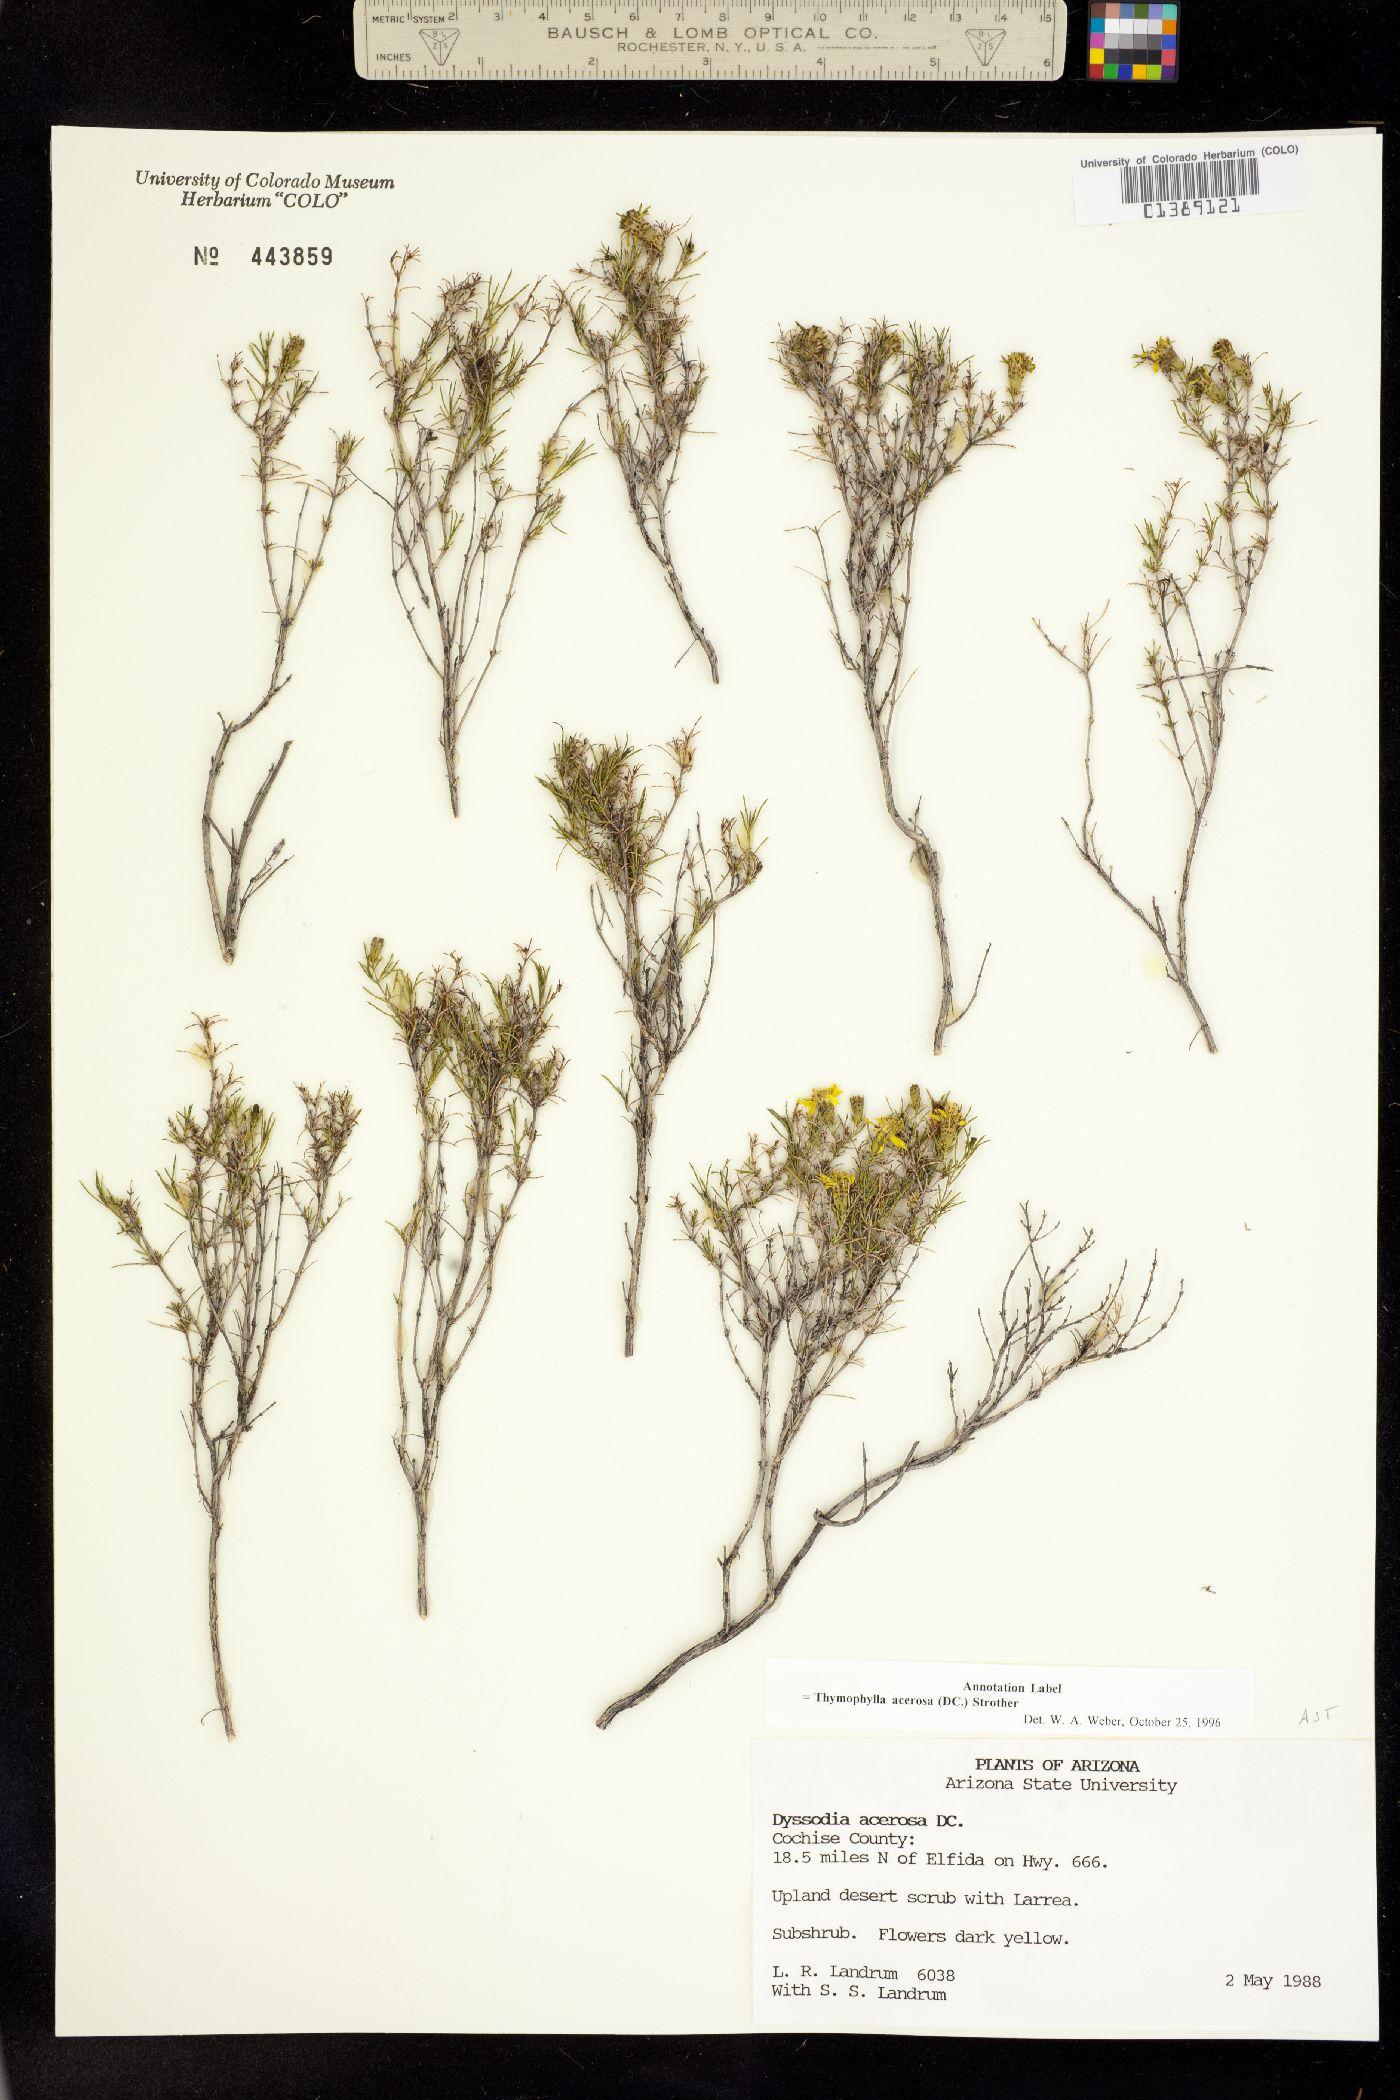 Thymophylla image